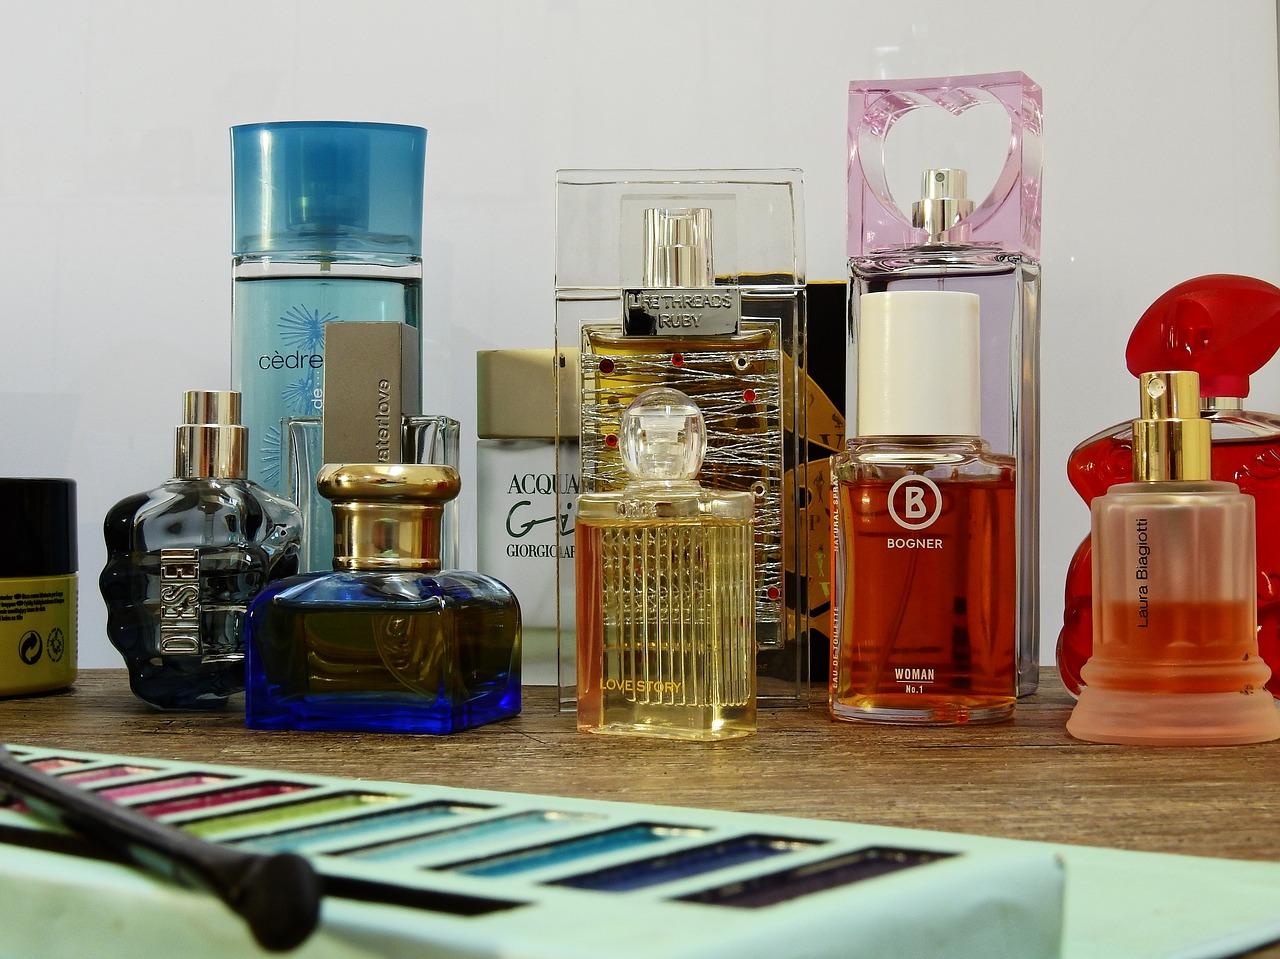 Outre-mer: Procter & Gamble, Coty et Chanel sanctionnés pour des accords exclusifs d'importation